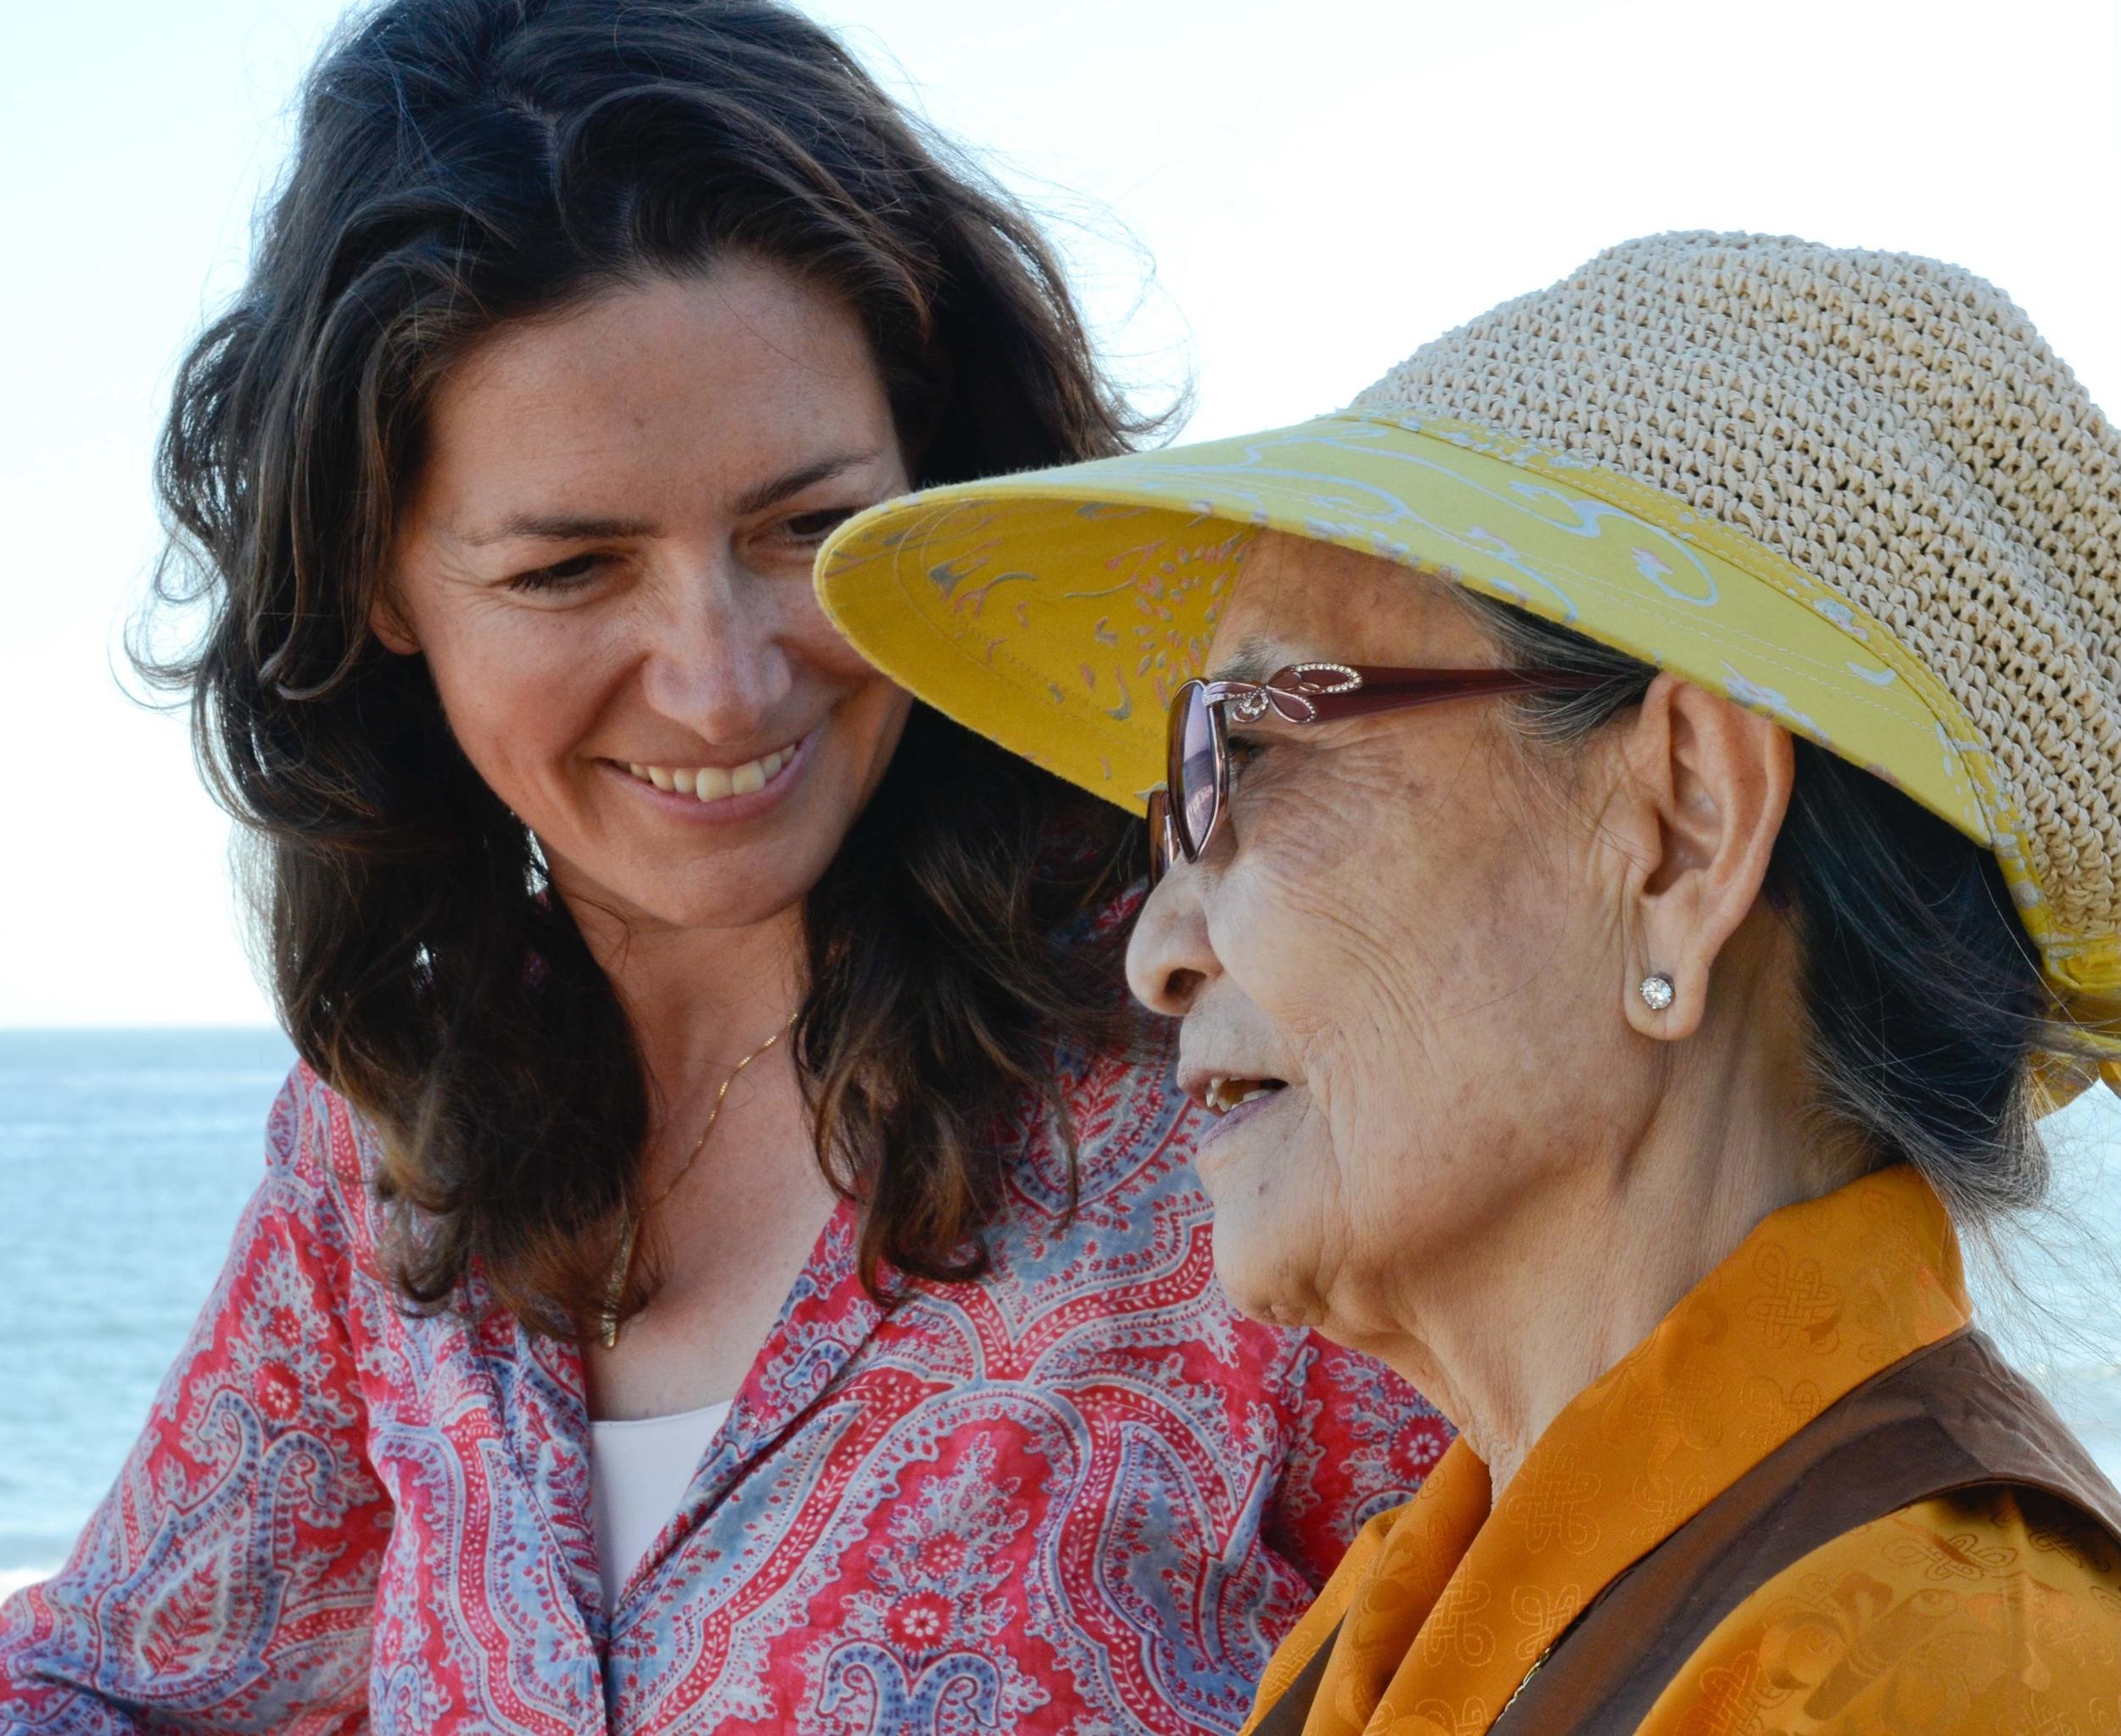 Dagmola Sakya and Michaela Haas in Malibu